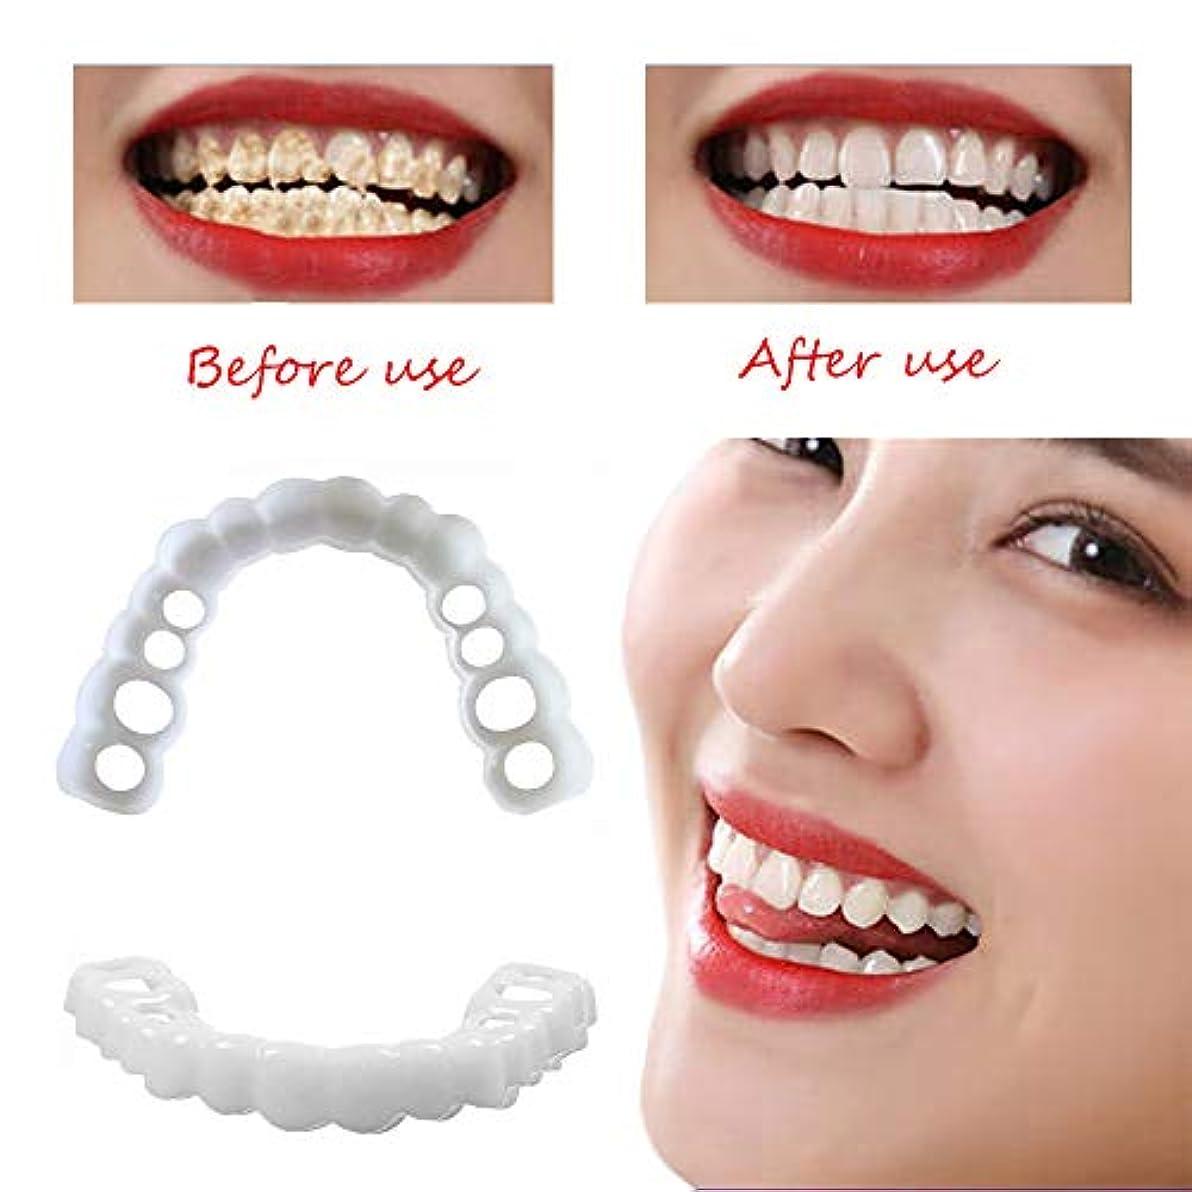 混乱させる保証金ナチュラル歯の入れ歯歯の化粧品一時的な笑顔の快適フィット化粧品の歯の入れ歯(4ペア、白),10Pairs